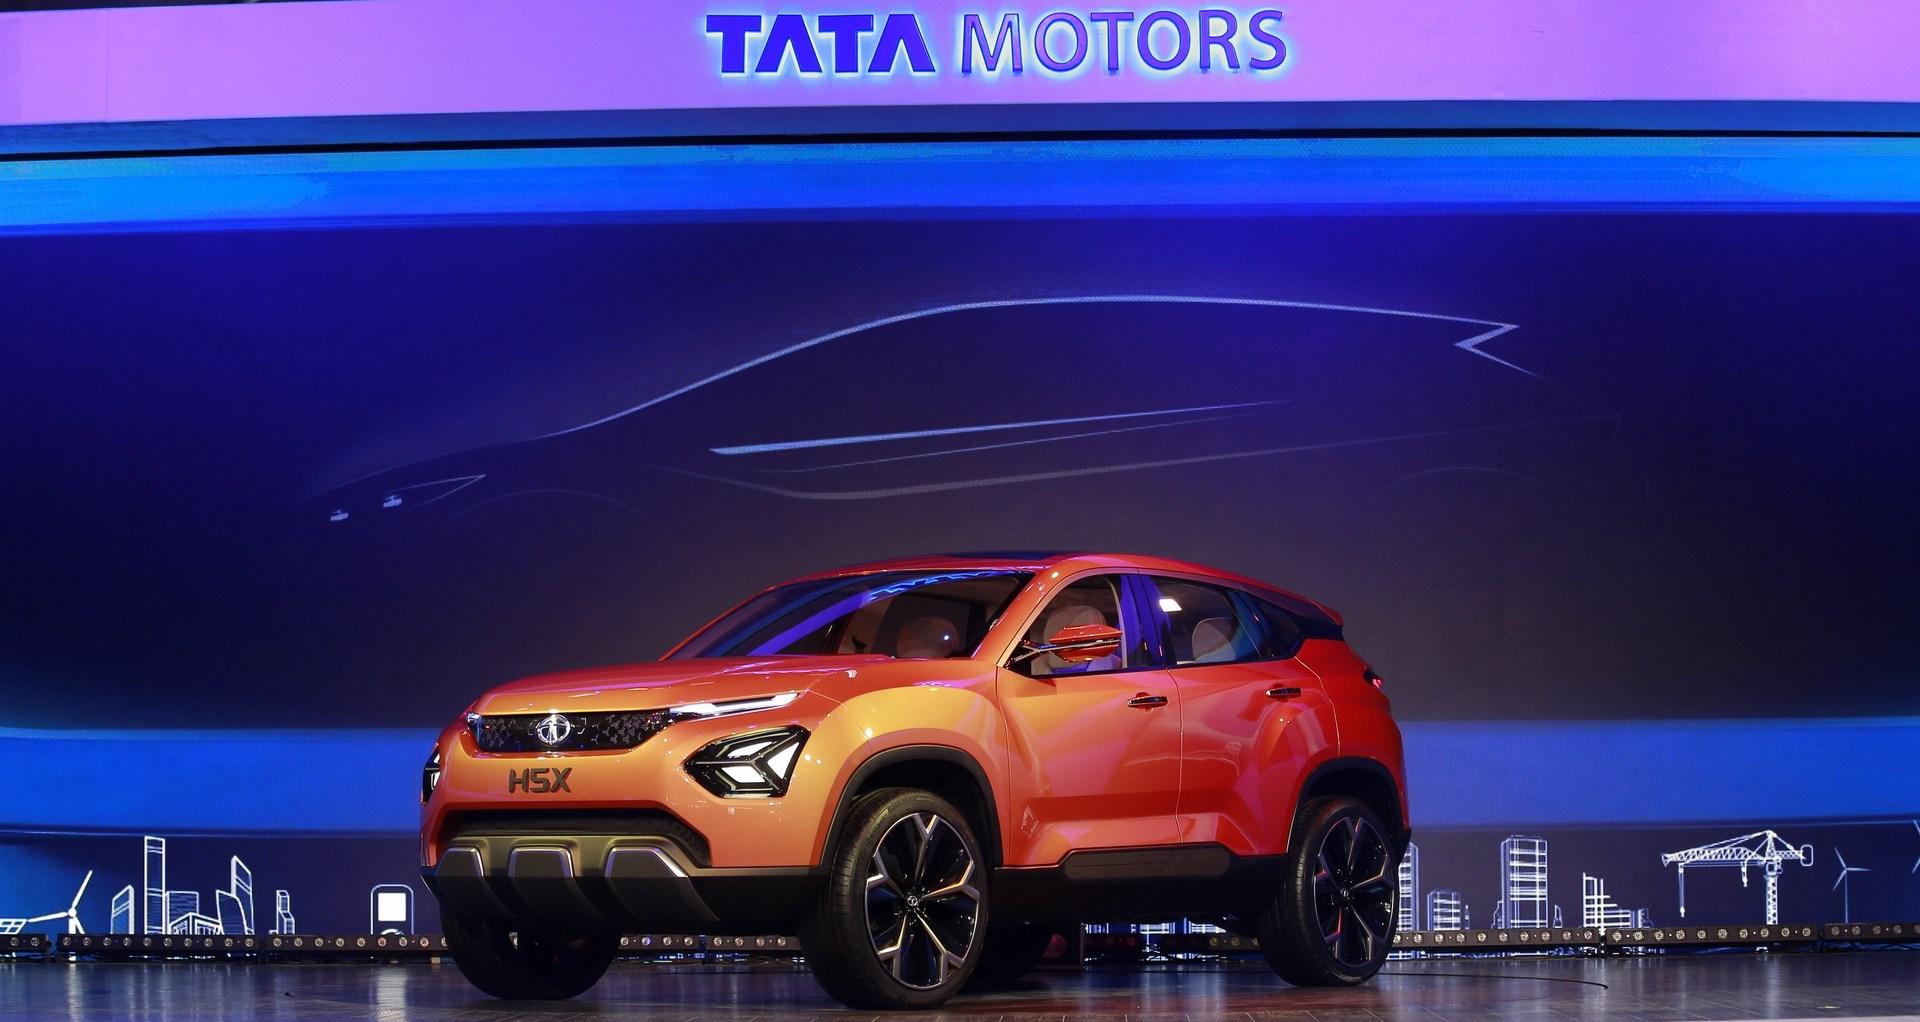 Tata-Concepts-2